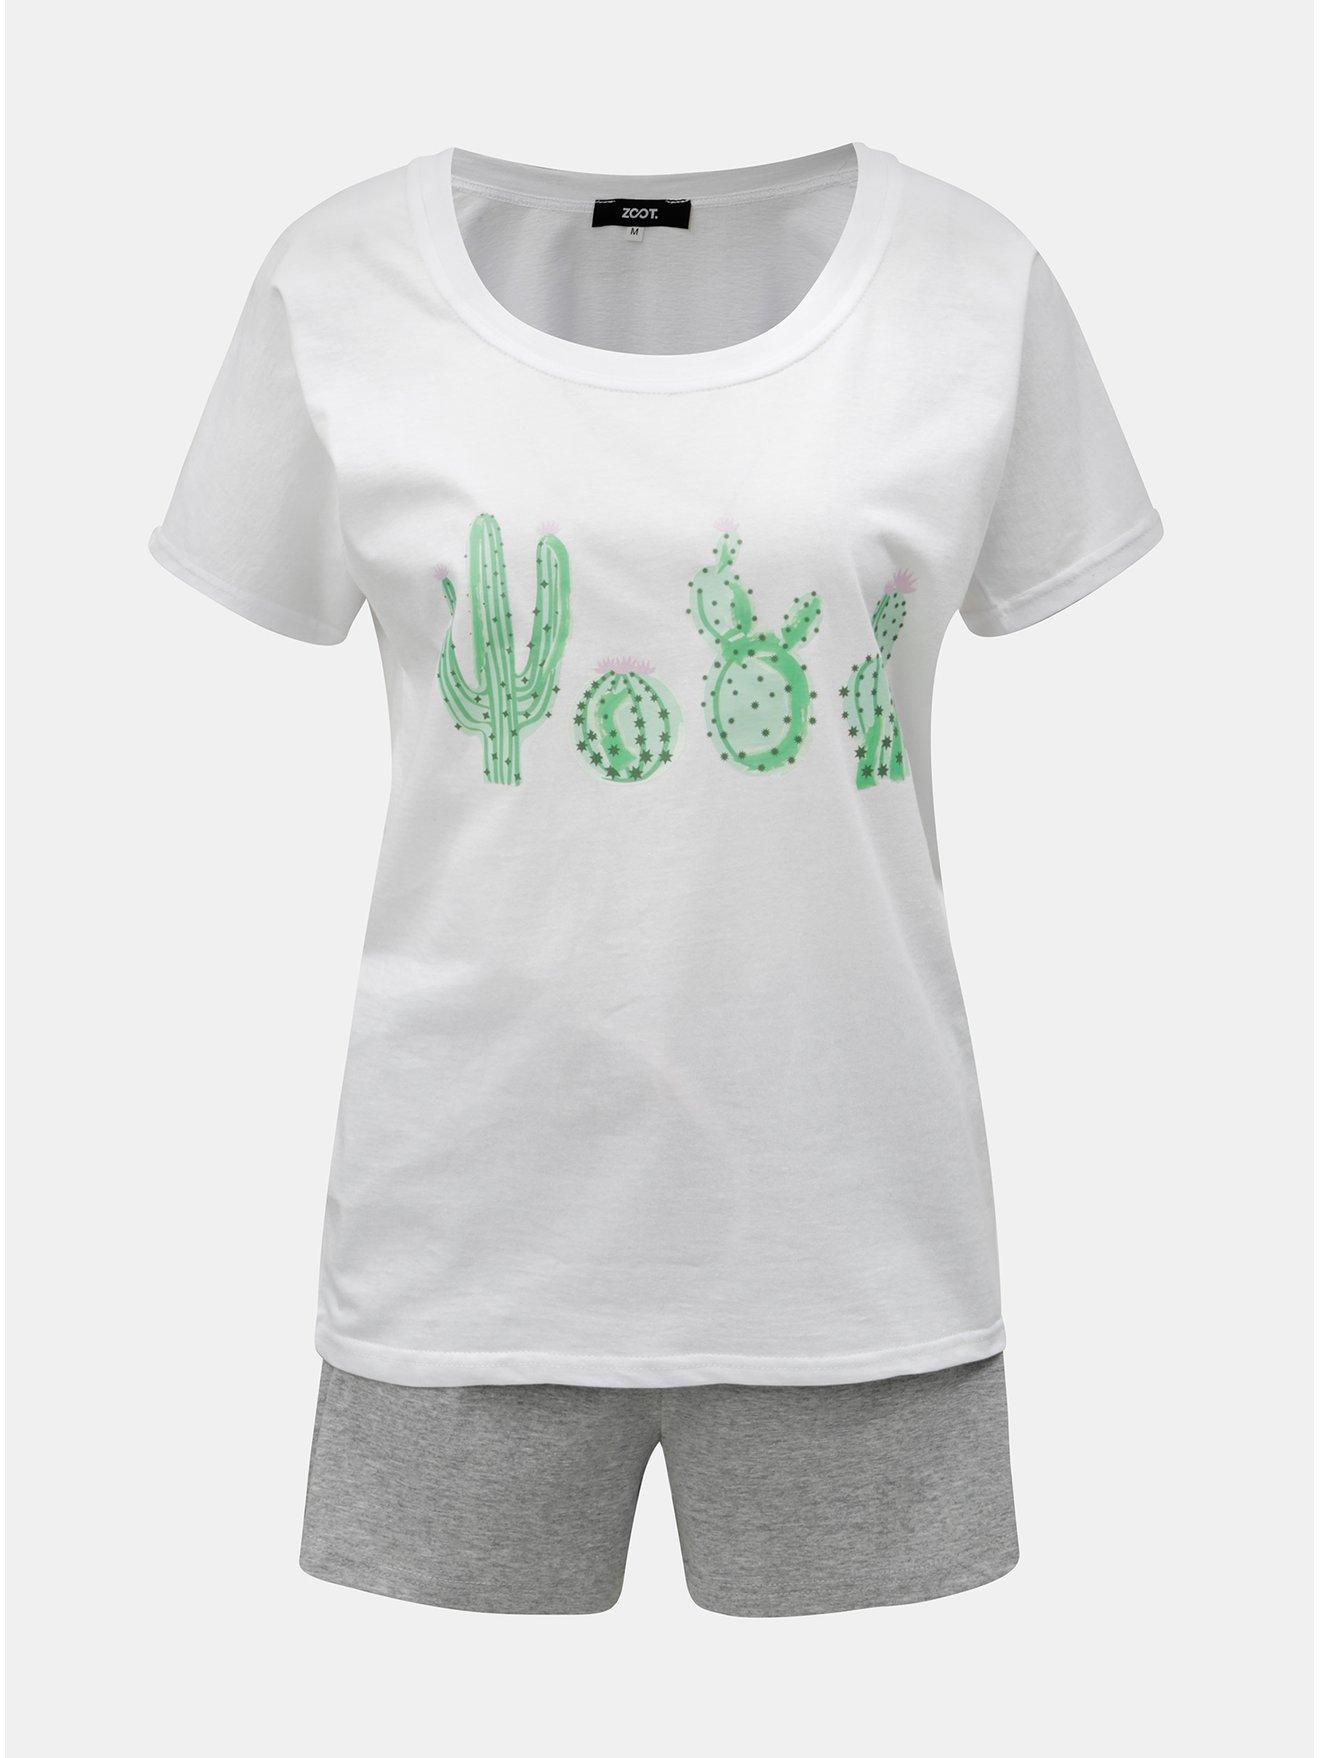 Šedo-bílé dámské dvoudílné žíhané pyžamo s motivem kaktusů ZOOT c1073c781a